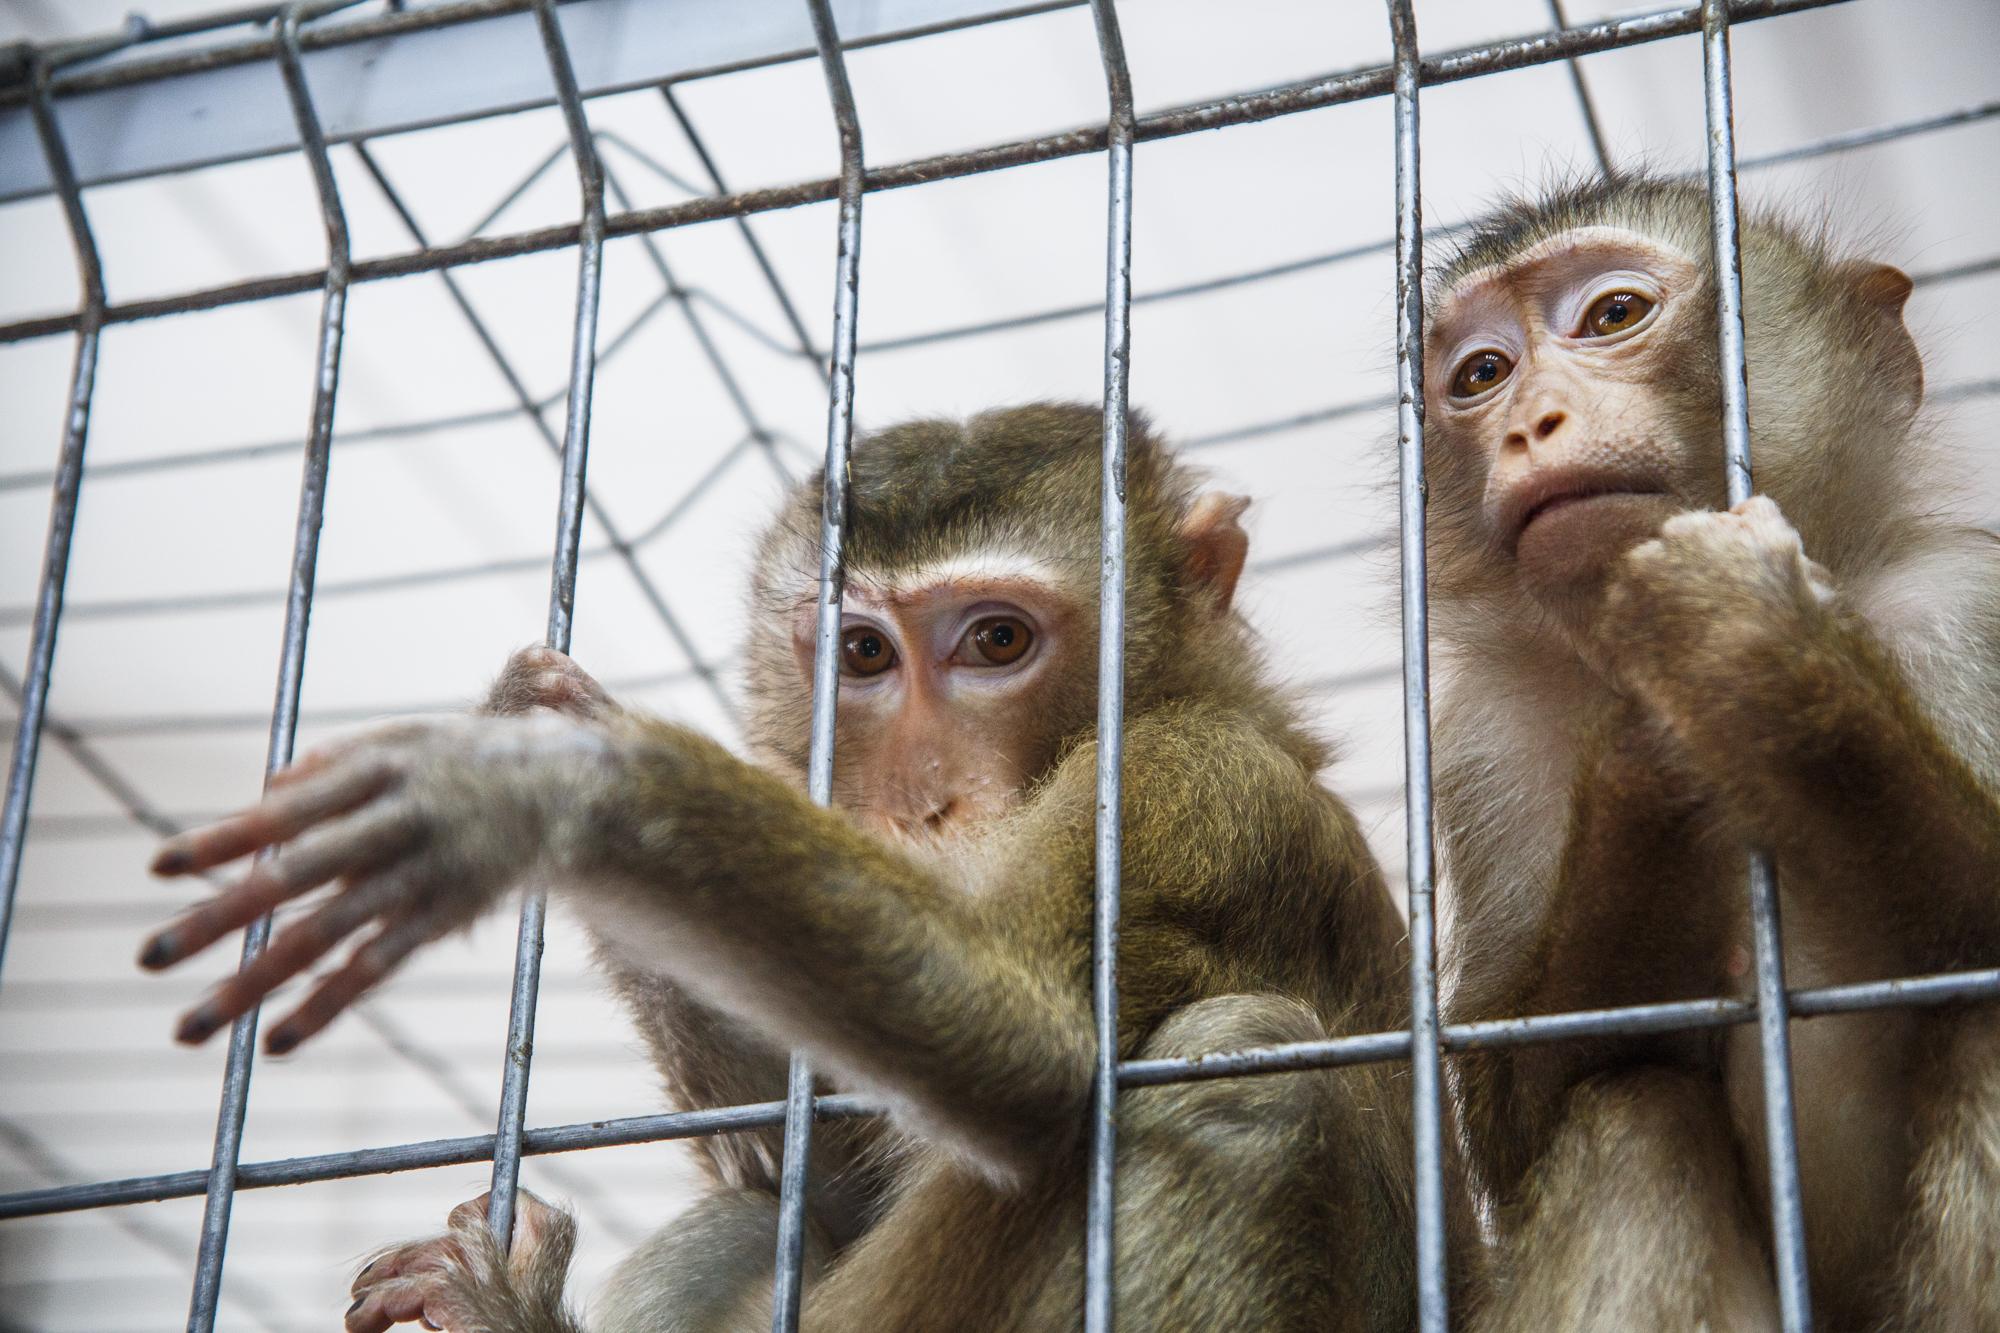 Серьезно обсудят и работу контактных зоопарков. Фото: Михаил Подобед, «Вечерняя Москва»